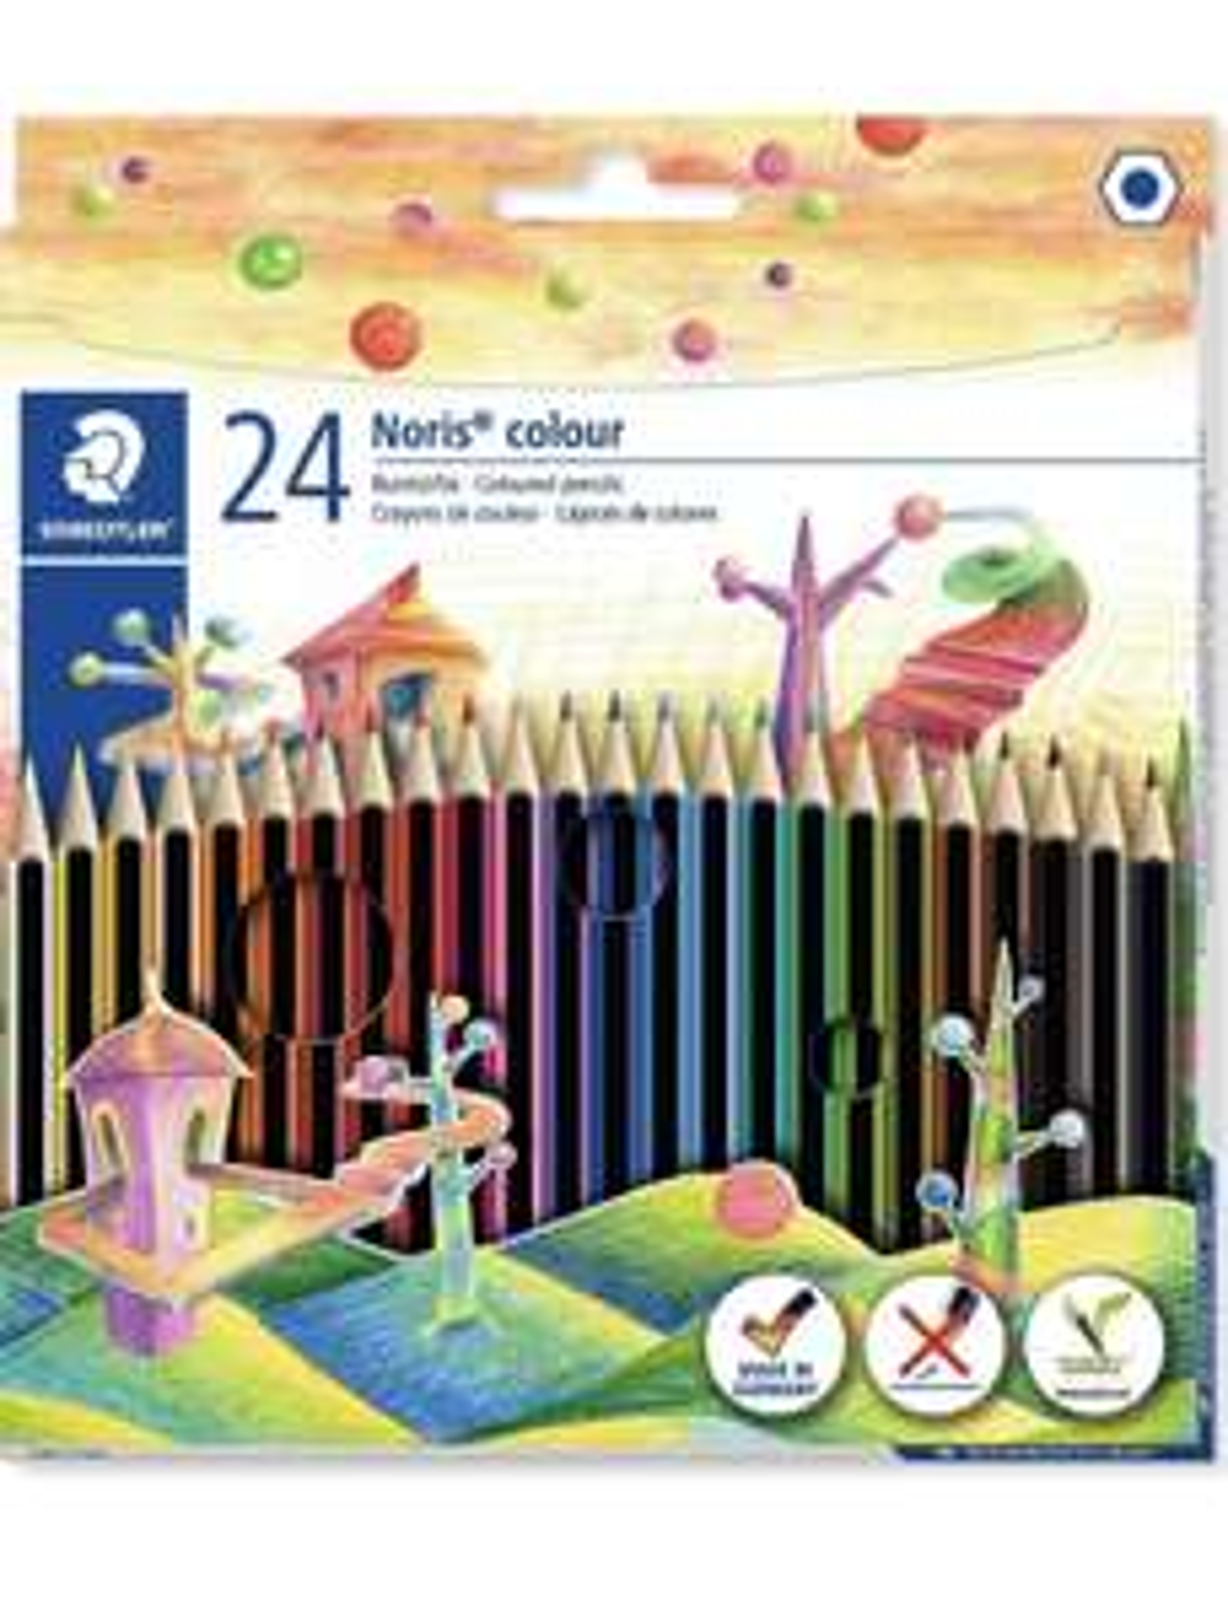 Staedtler 185 C24 Noris Colour Colouring Pencil (24 pack) £3.29 (£4.49 NP) @ Amazon